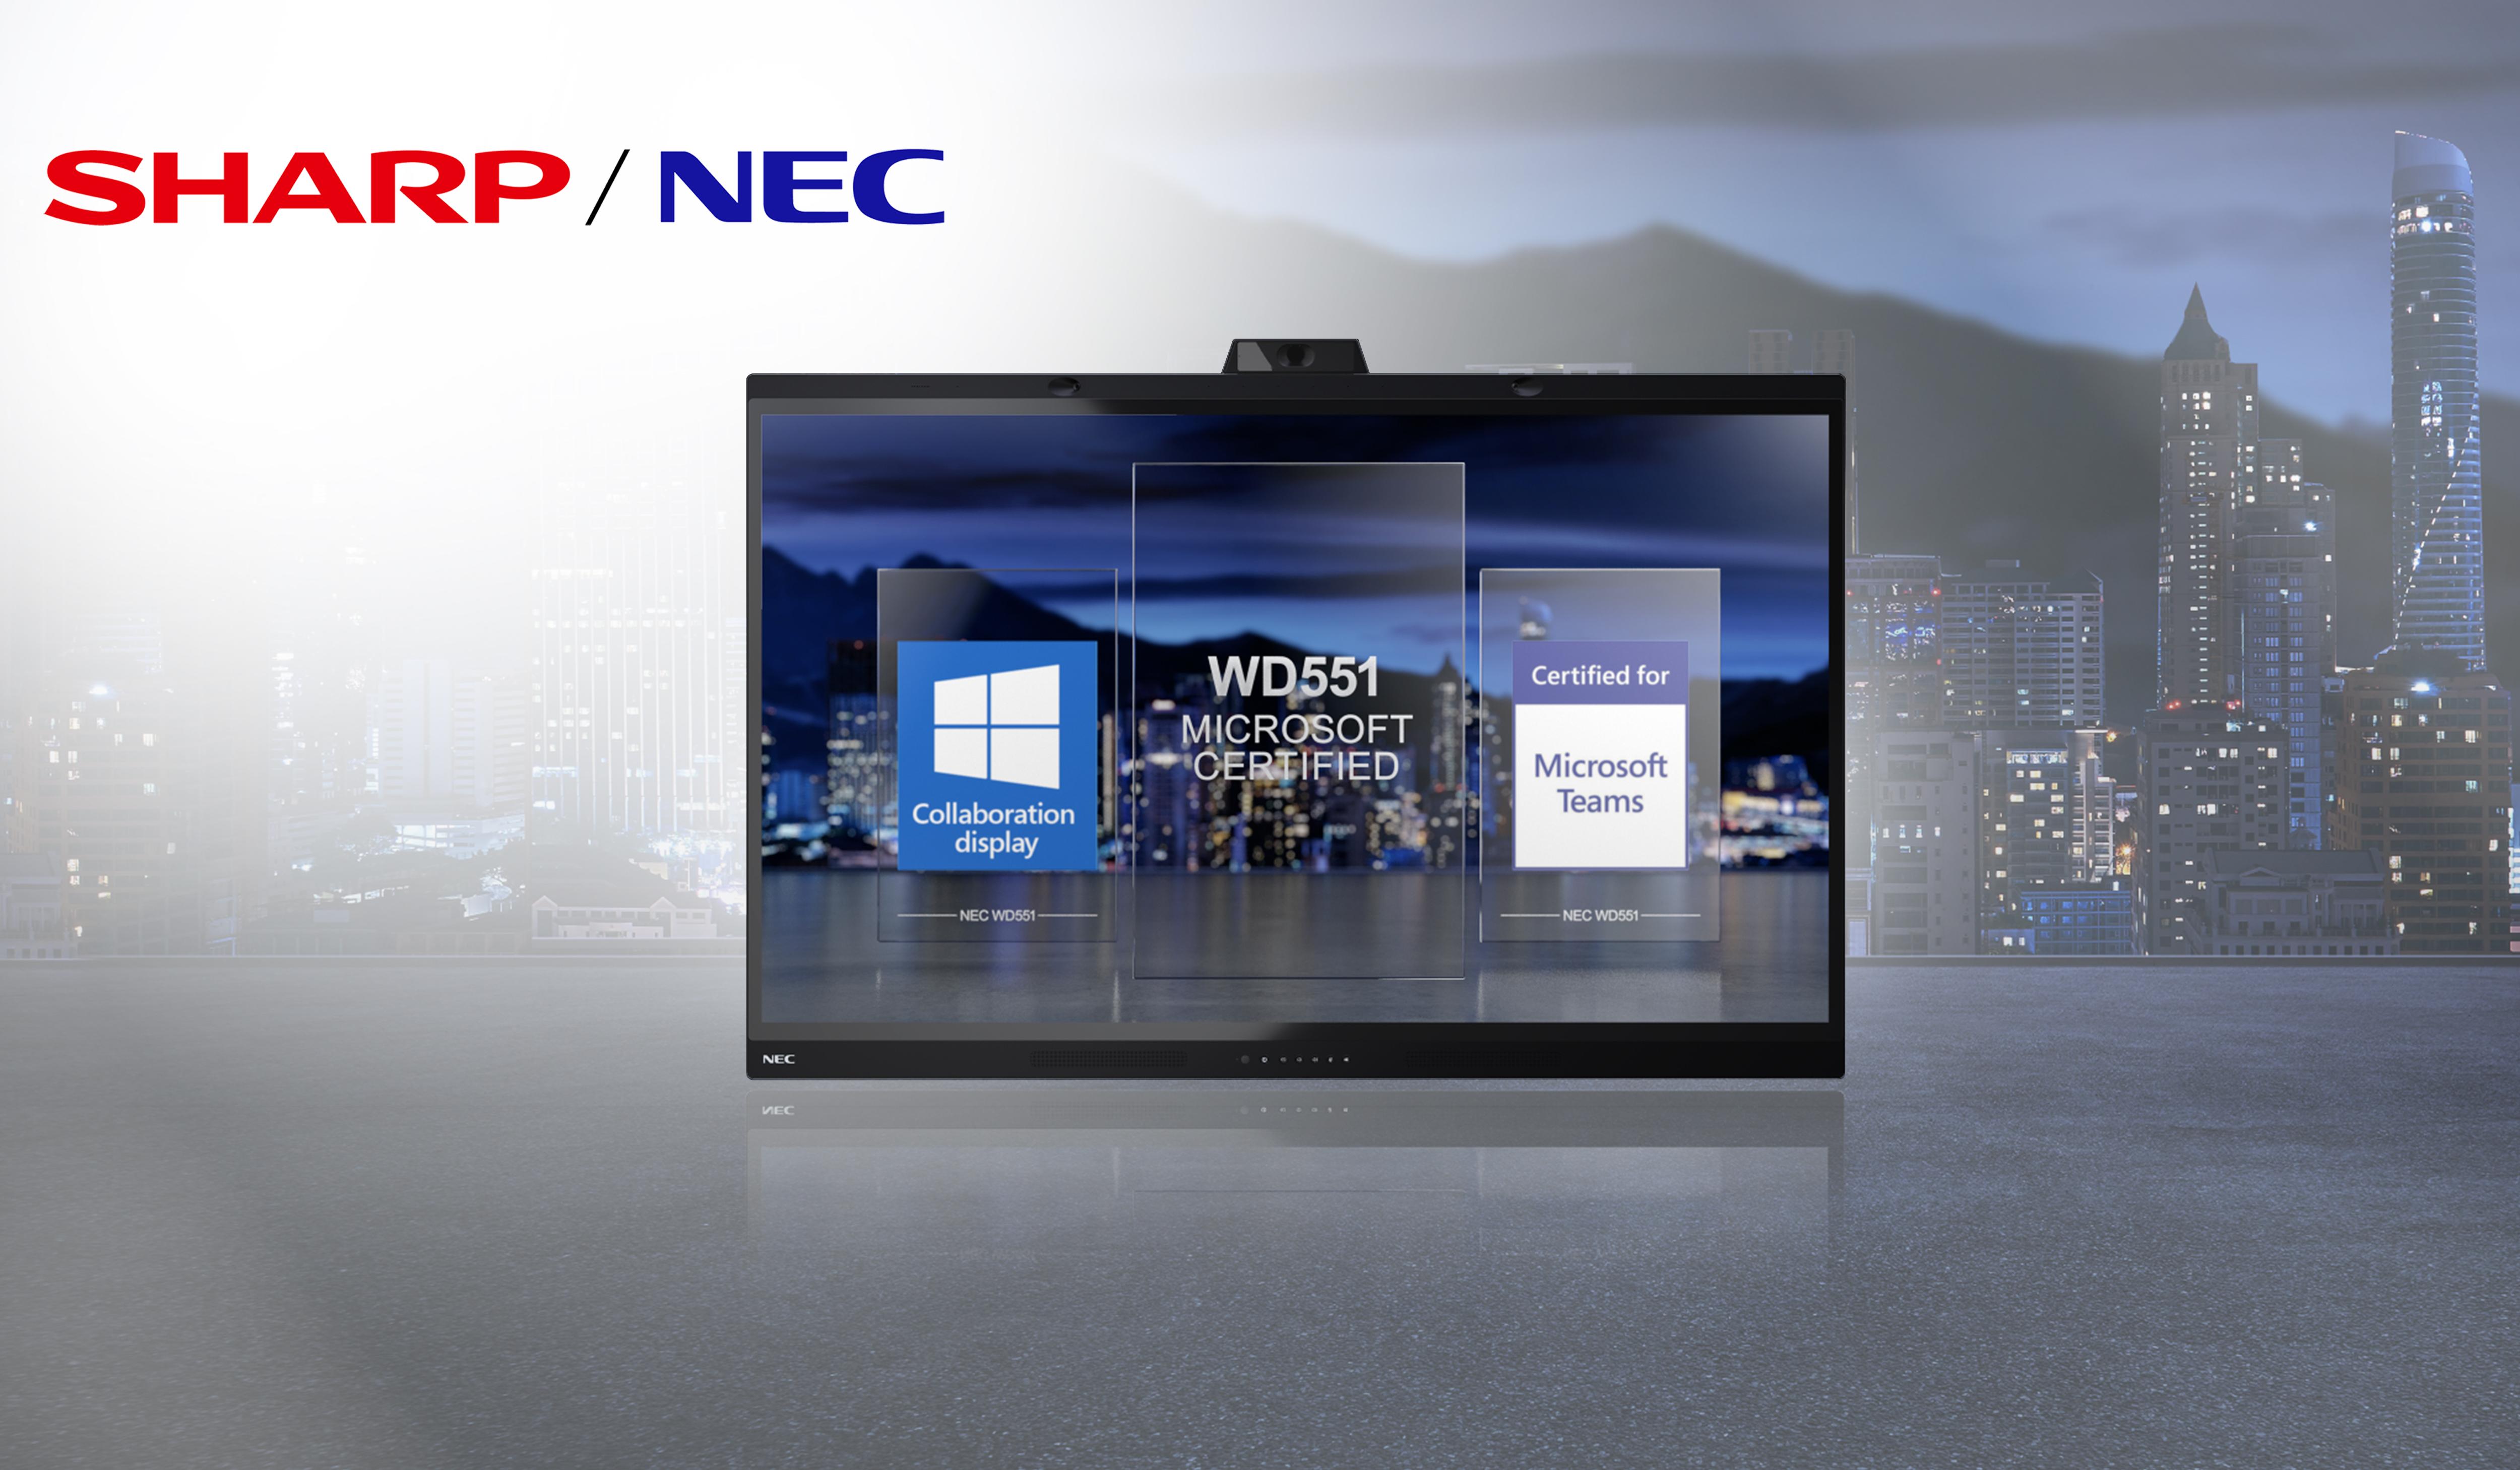 Ligra DS | L'unità demo Sharp/NEC con MultiSync® WD551 Collaboration Display